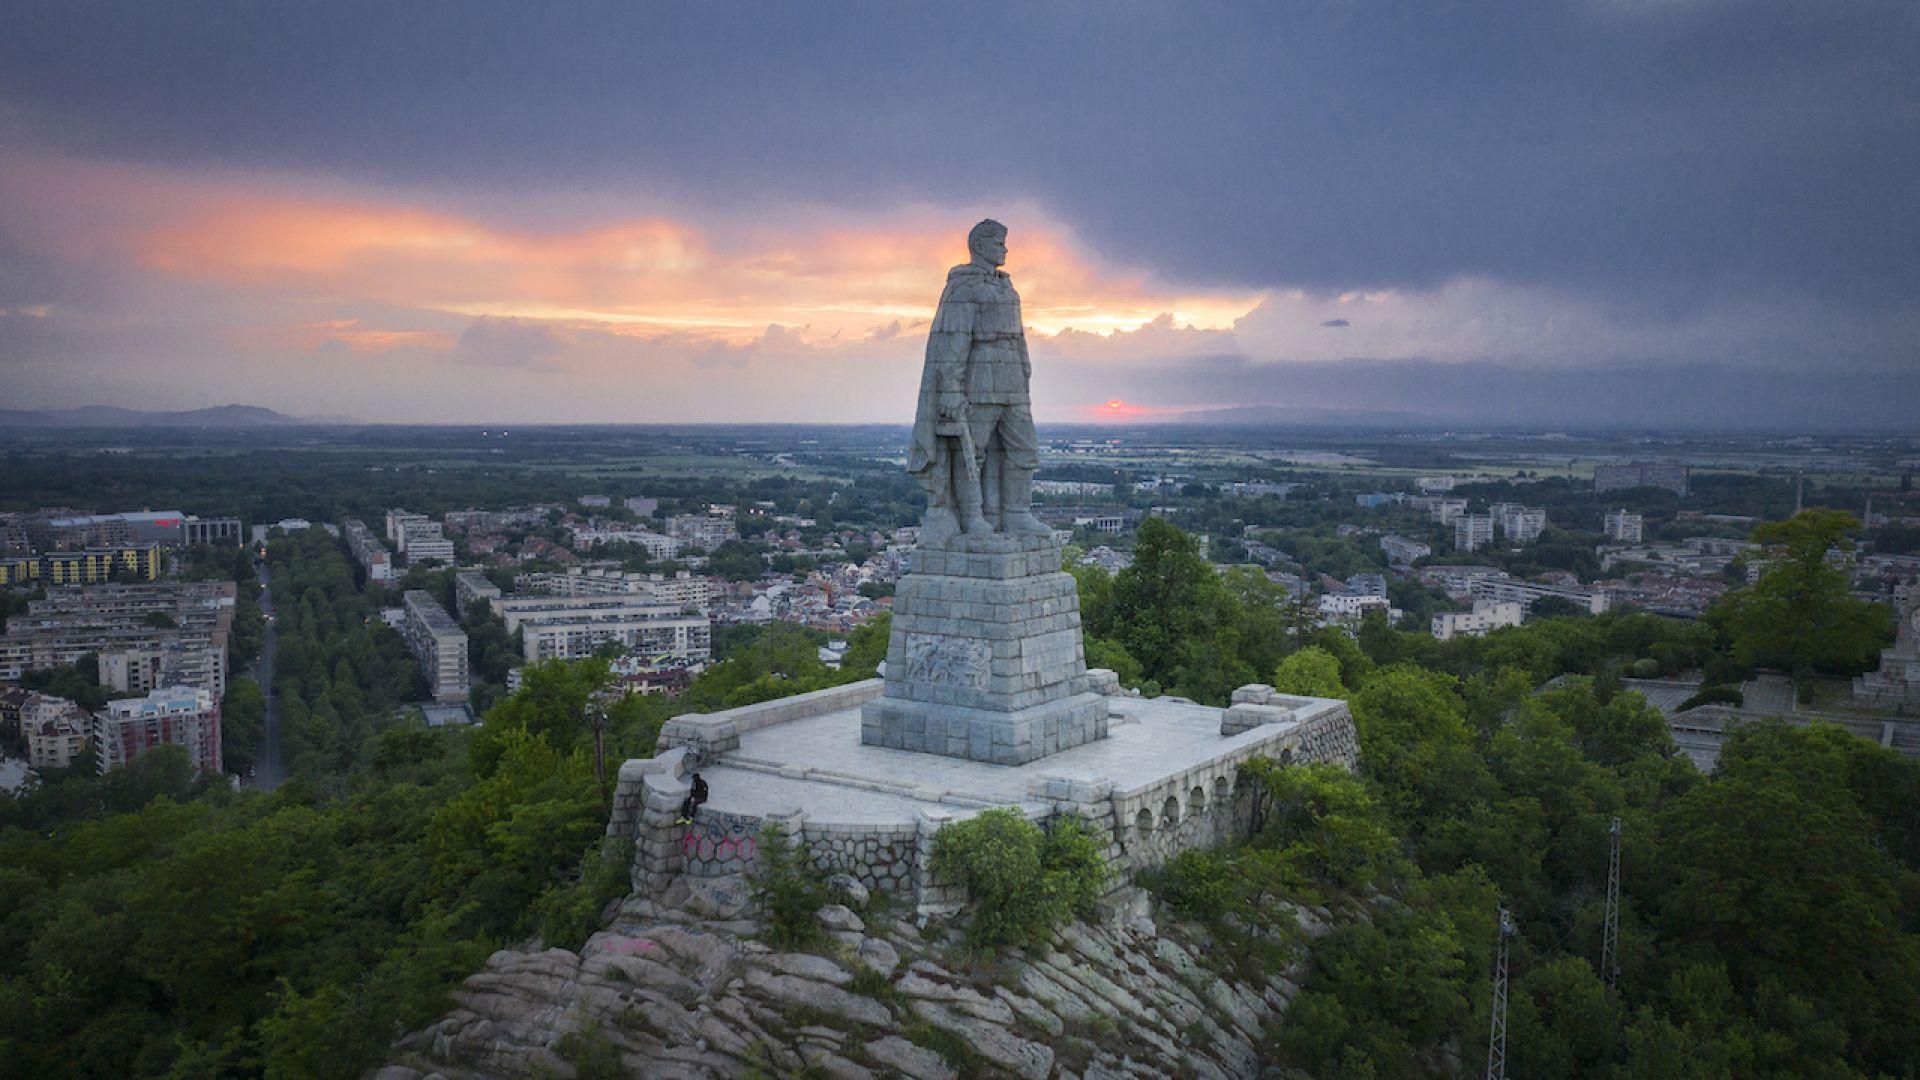 Nexo и Община Пловдив почистват 5 паметника, които ще бъдат популяризирани от Altitude Attitude